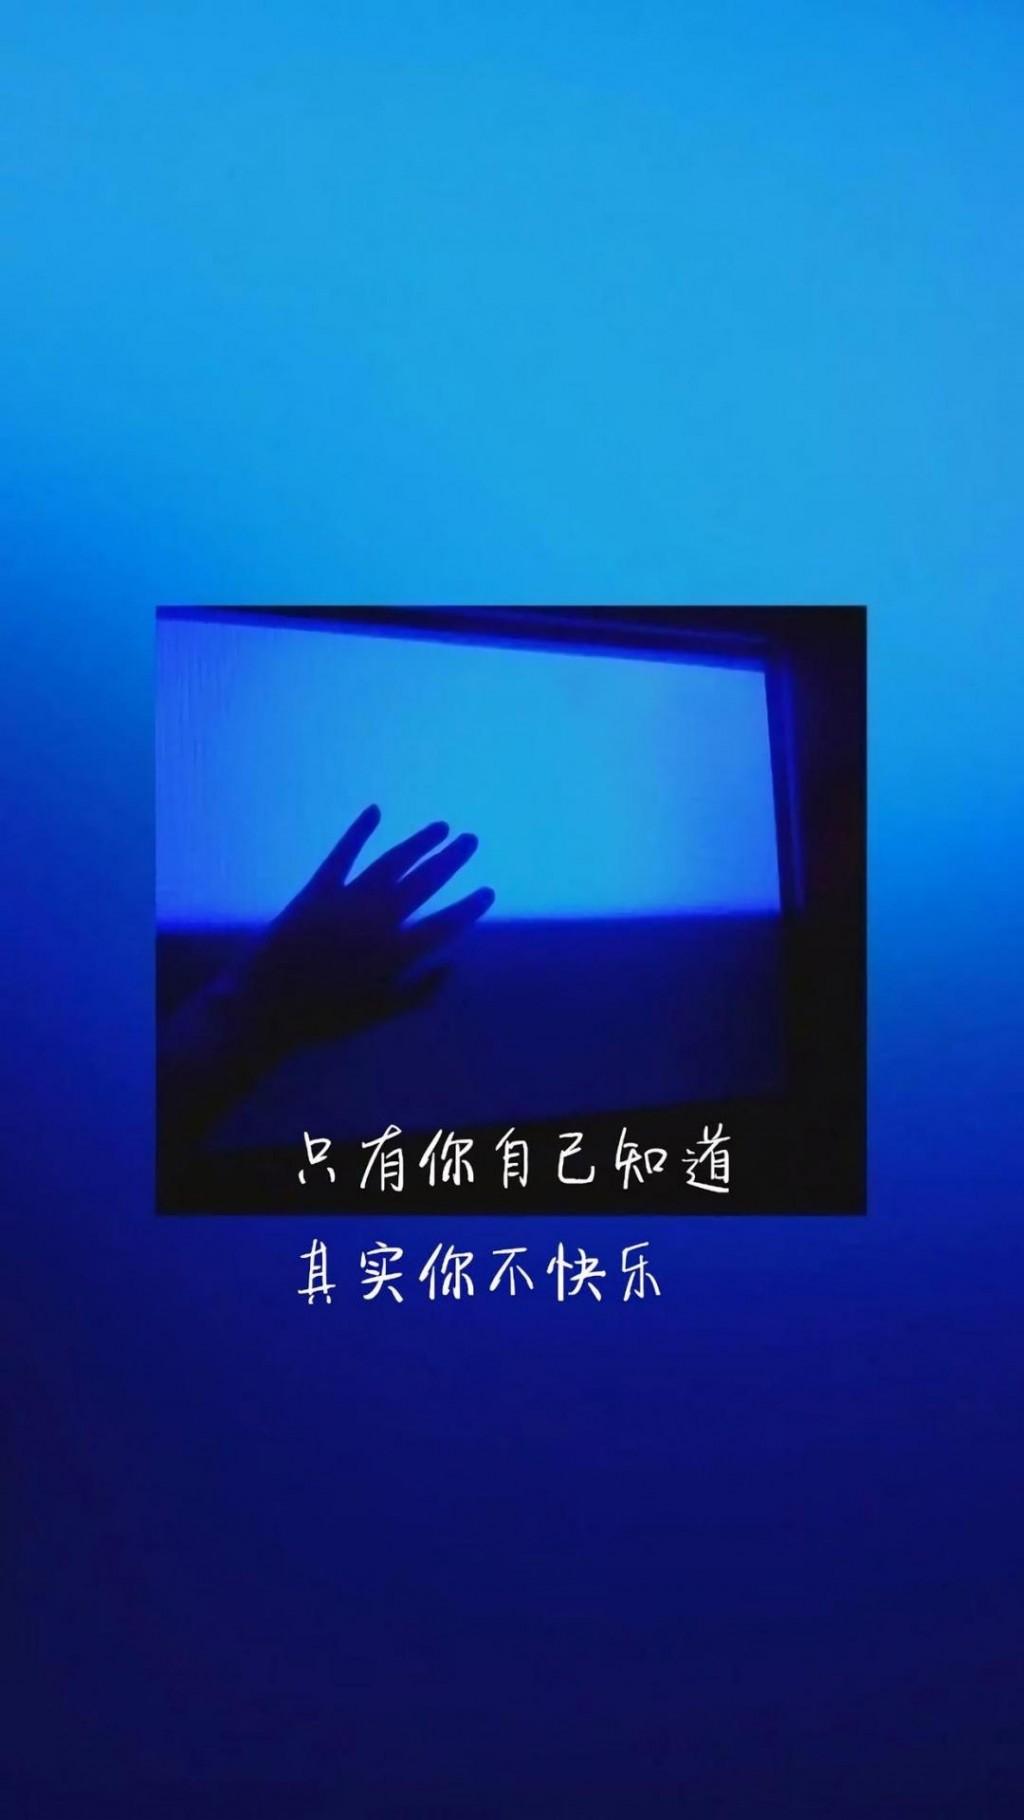 心情不好的说说图片_WWW.QQYA.COM